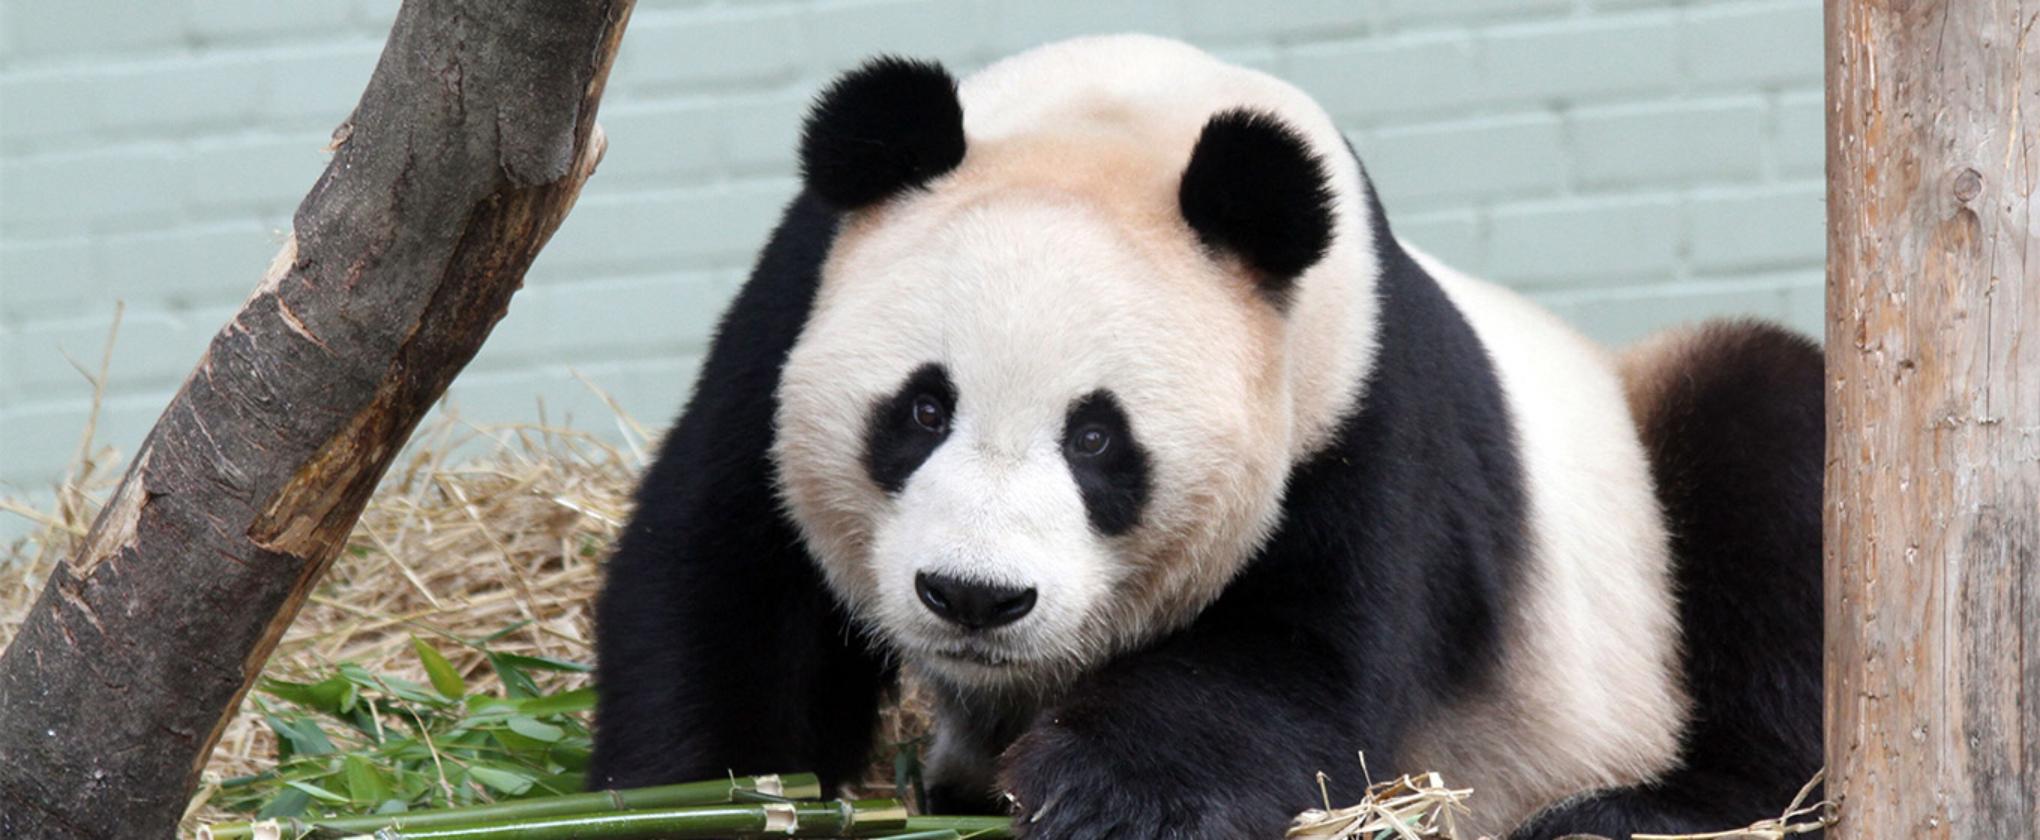 Giant Pandas, Doorbells & Dystopian Futures